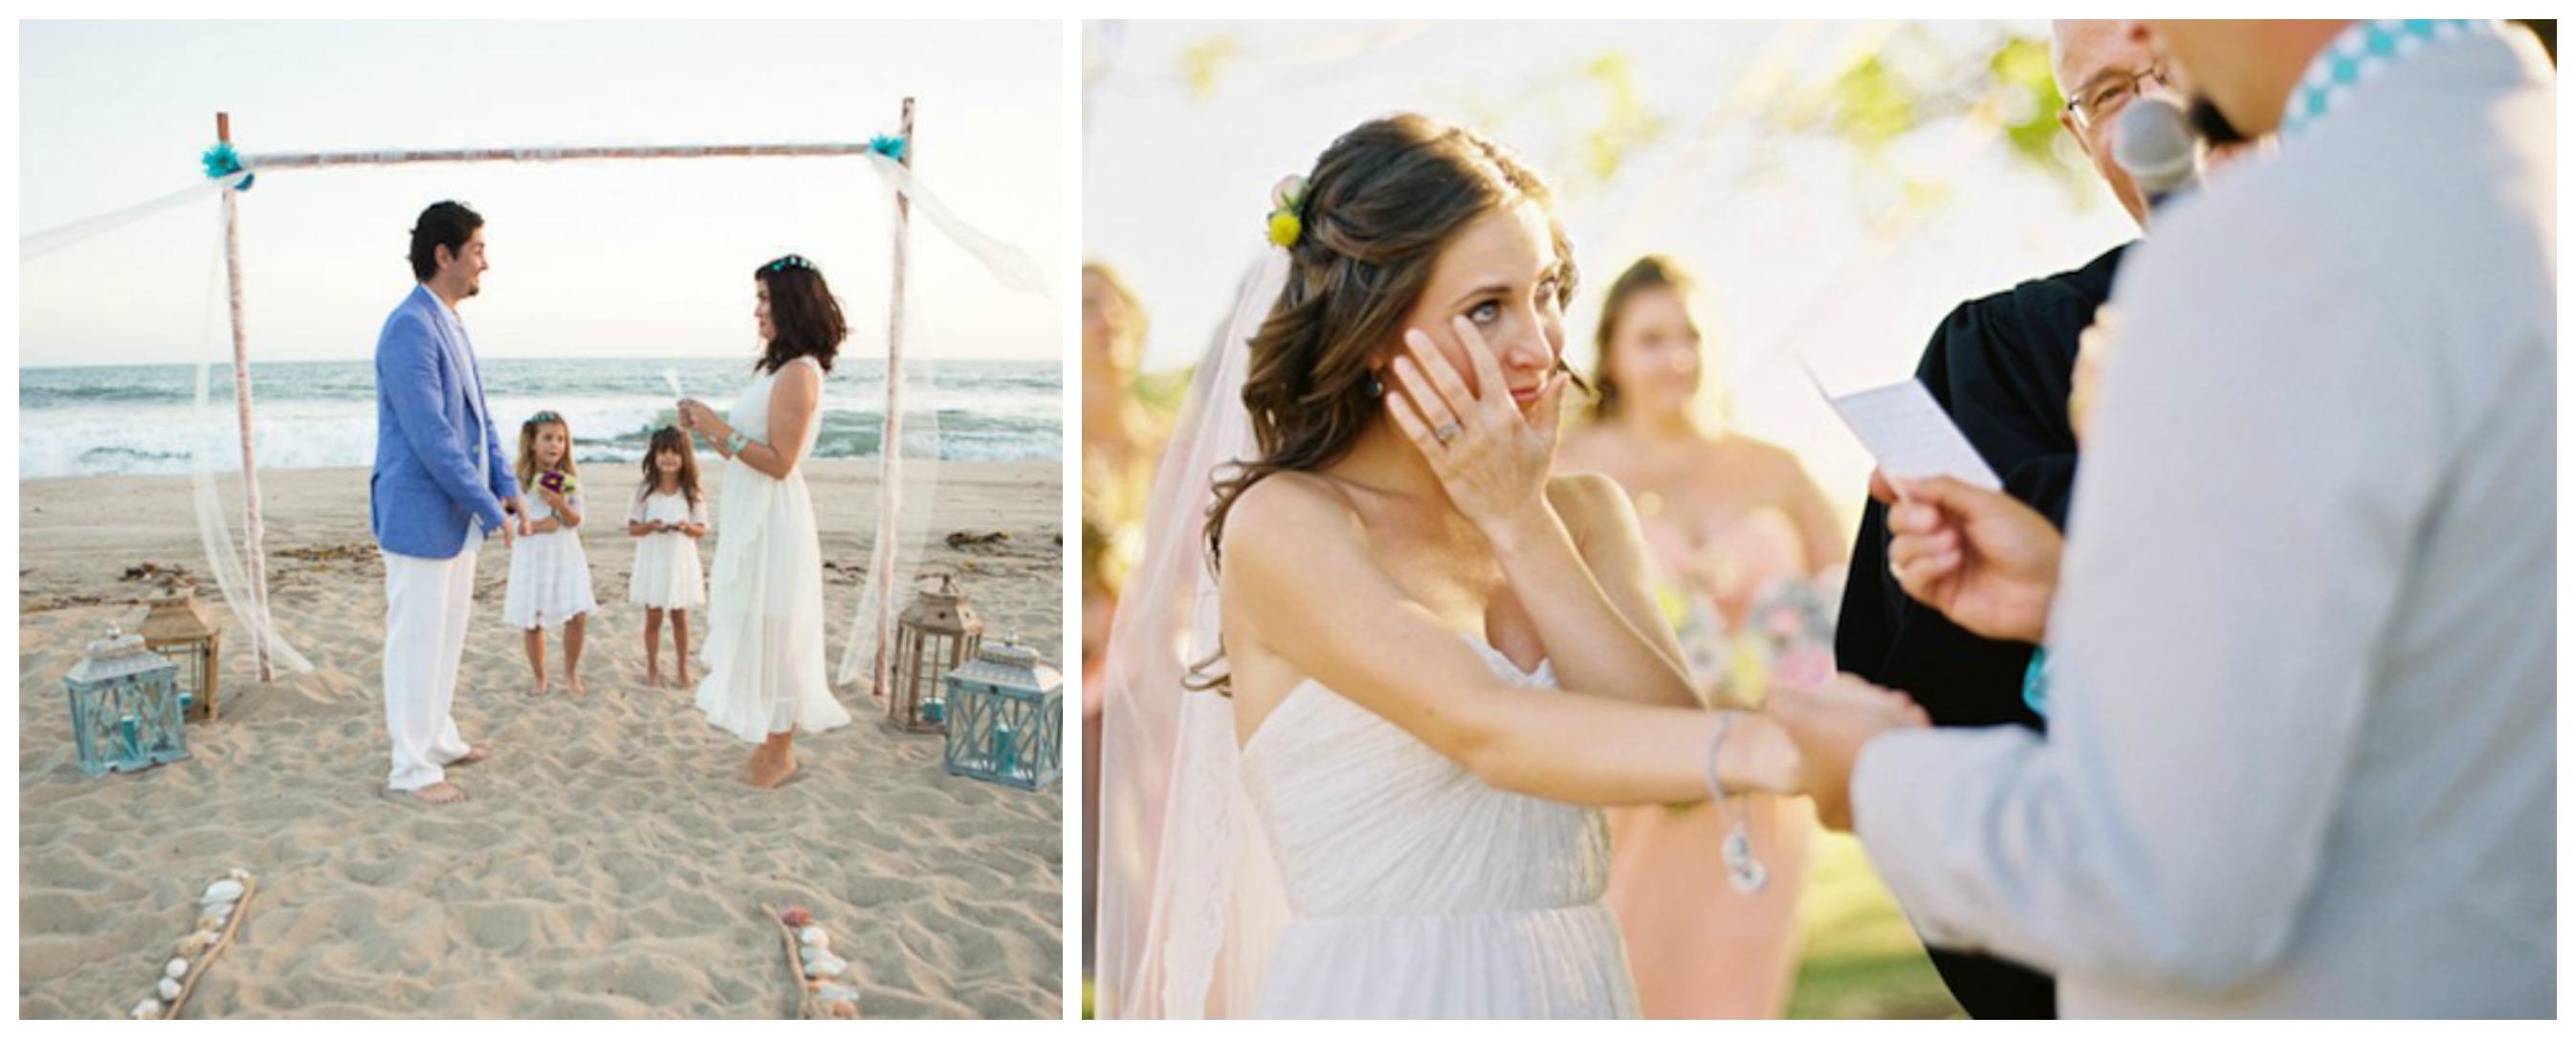 1_1 Несколько идей для свадебной клятвы